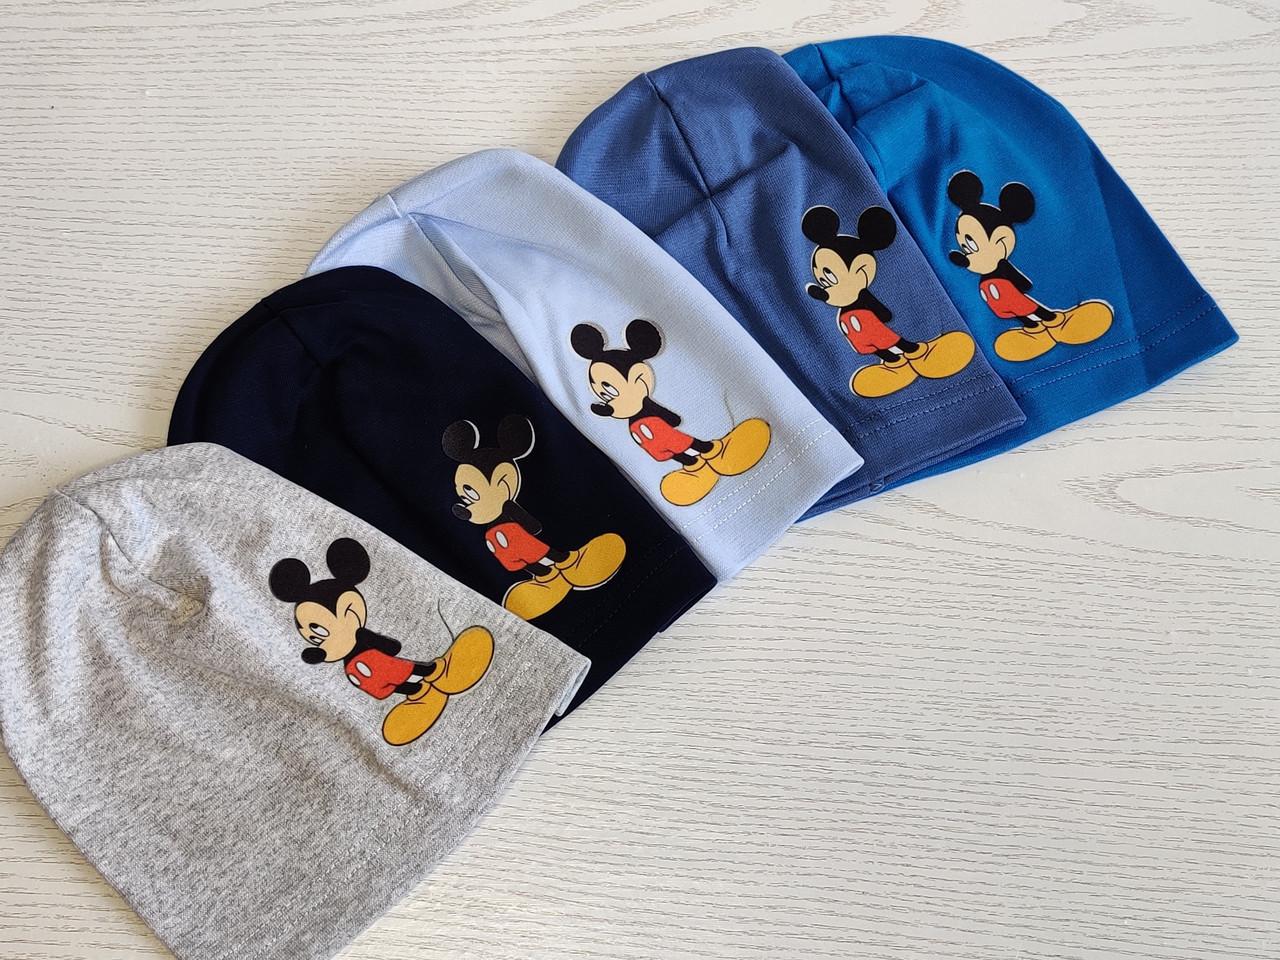 Трикотажная шапка для мальчика с Микимаус Размер 48-52 см Возраст 3-7 лет